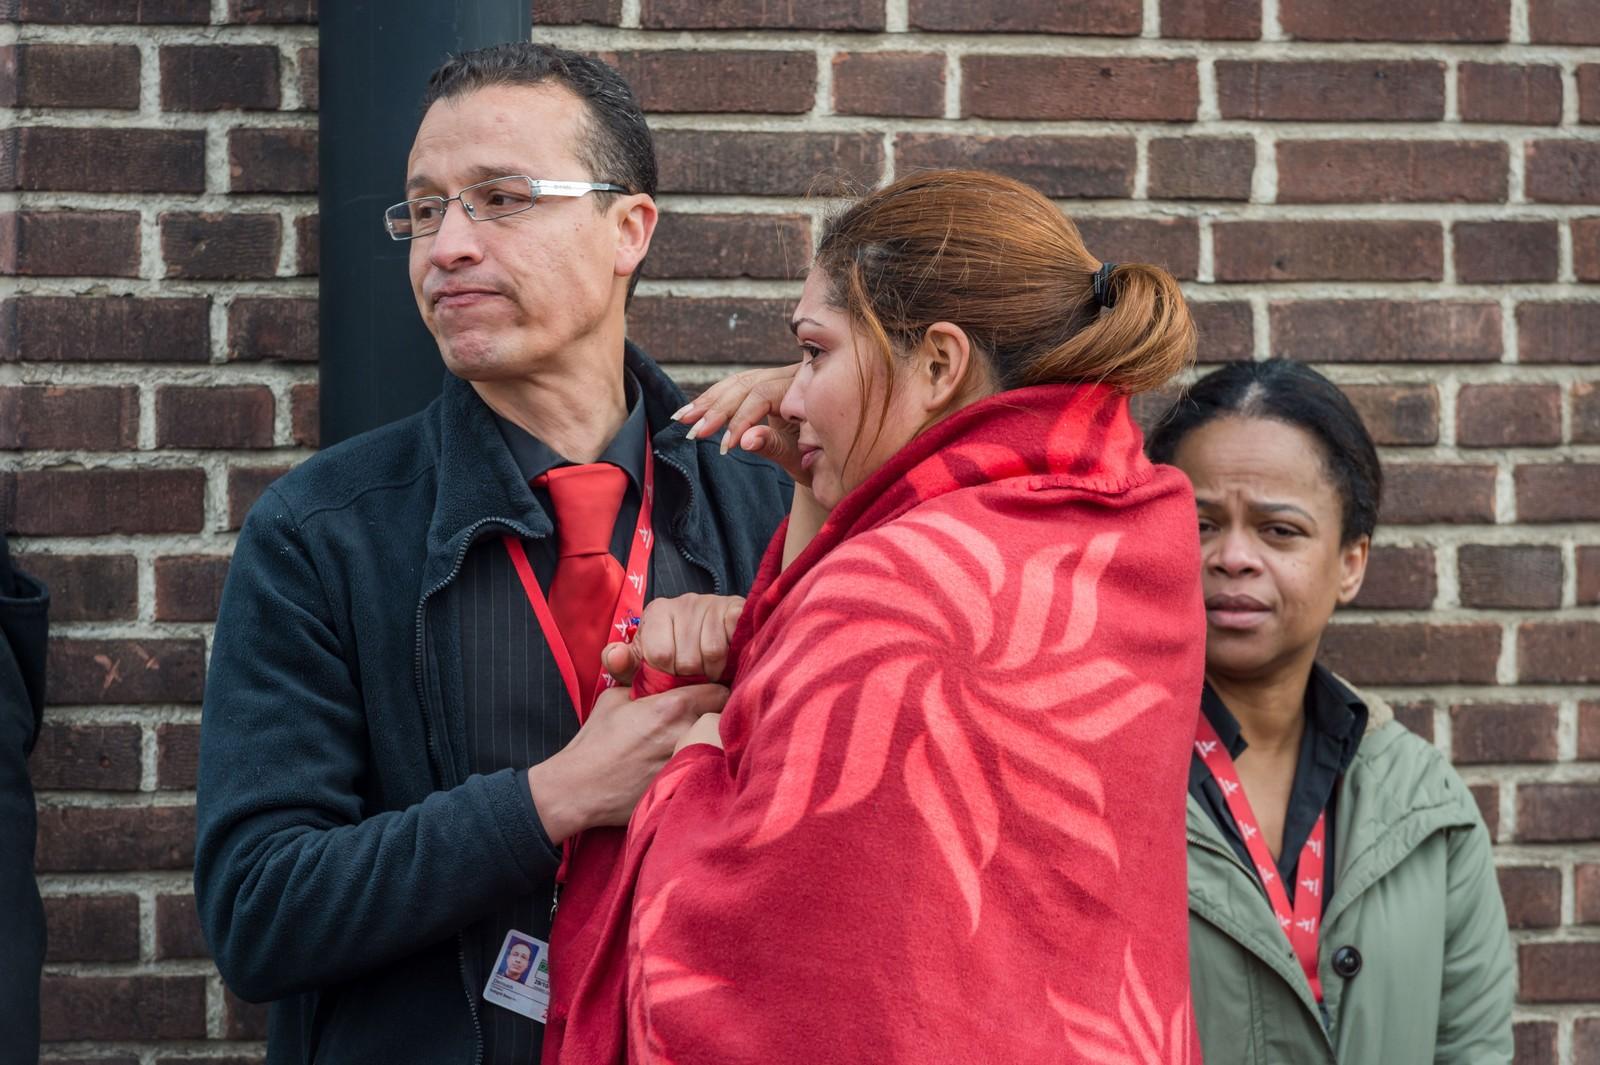 Evakuerte fra flyplassen i Brussel trøster hverandre etter terroren tirsdag morgen. Minst 43 er så langt bekreftet drept. Flere titalls er skadet.